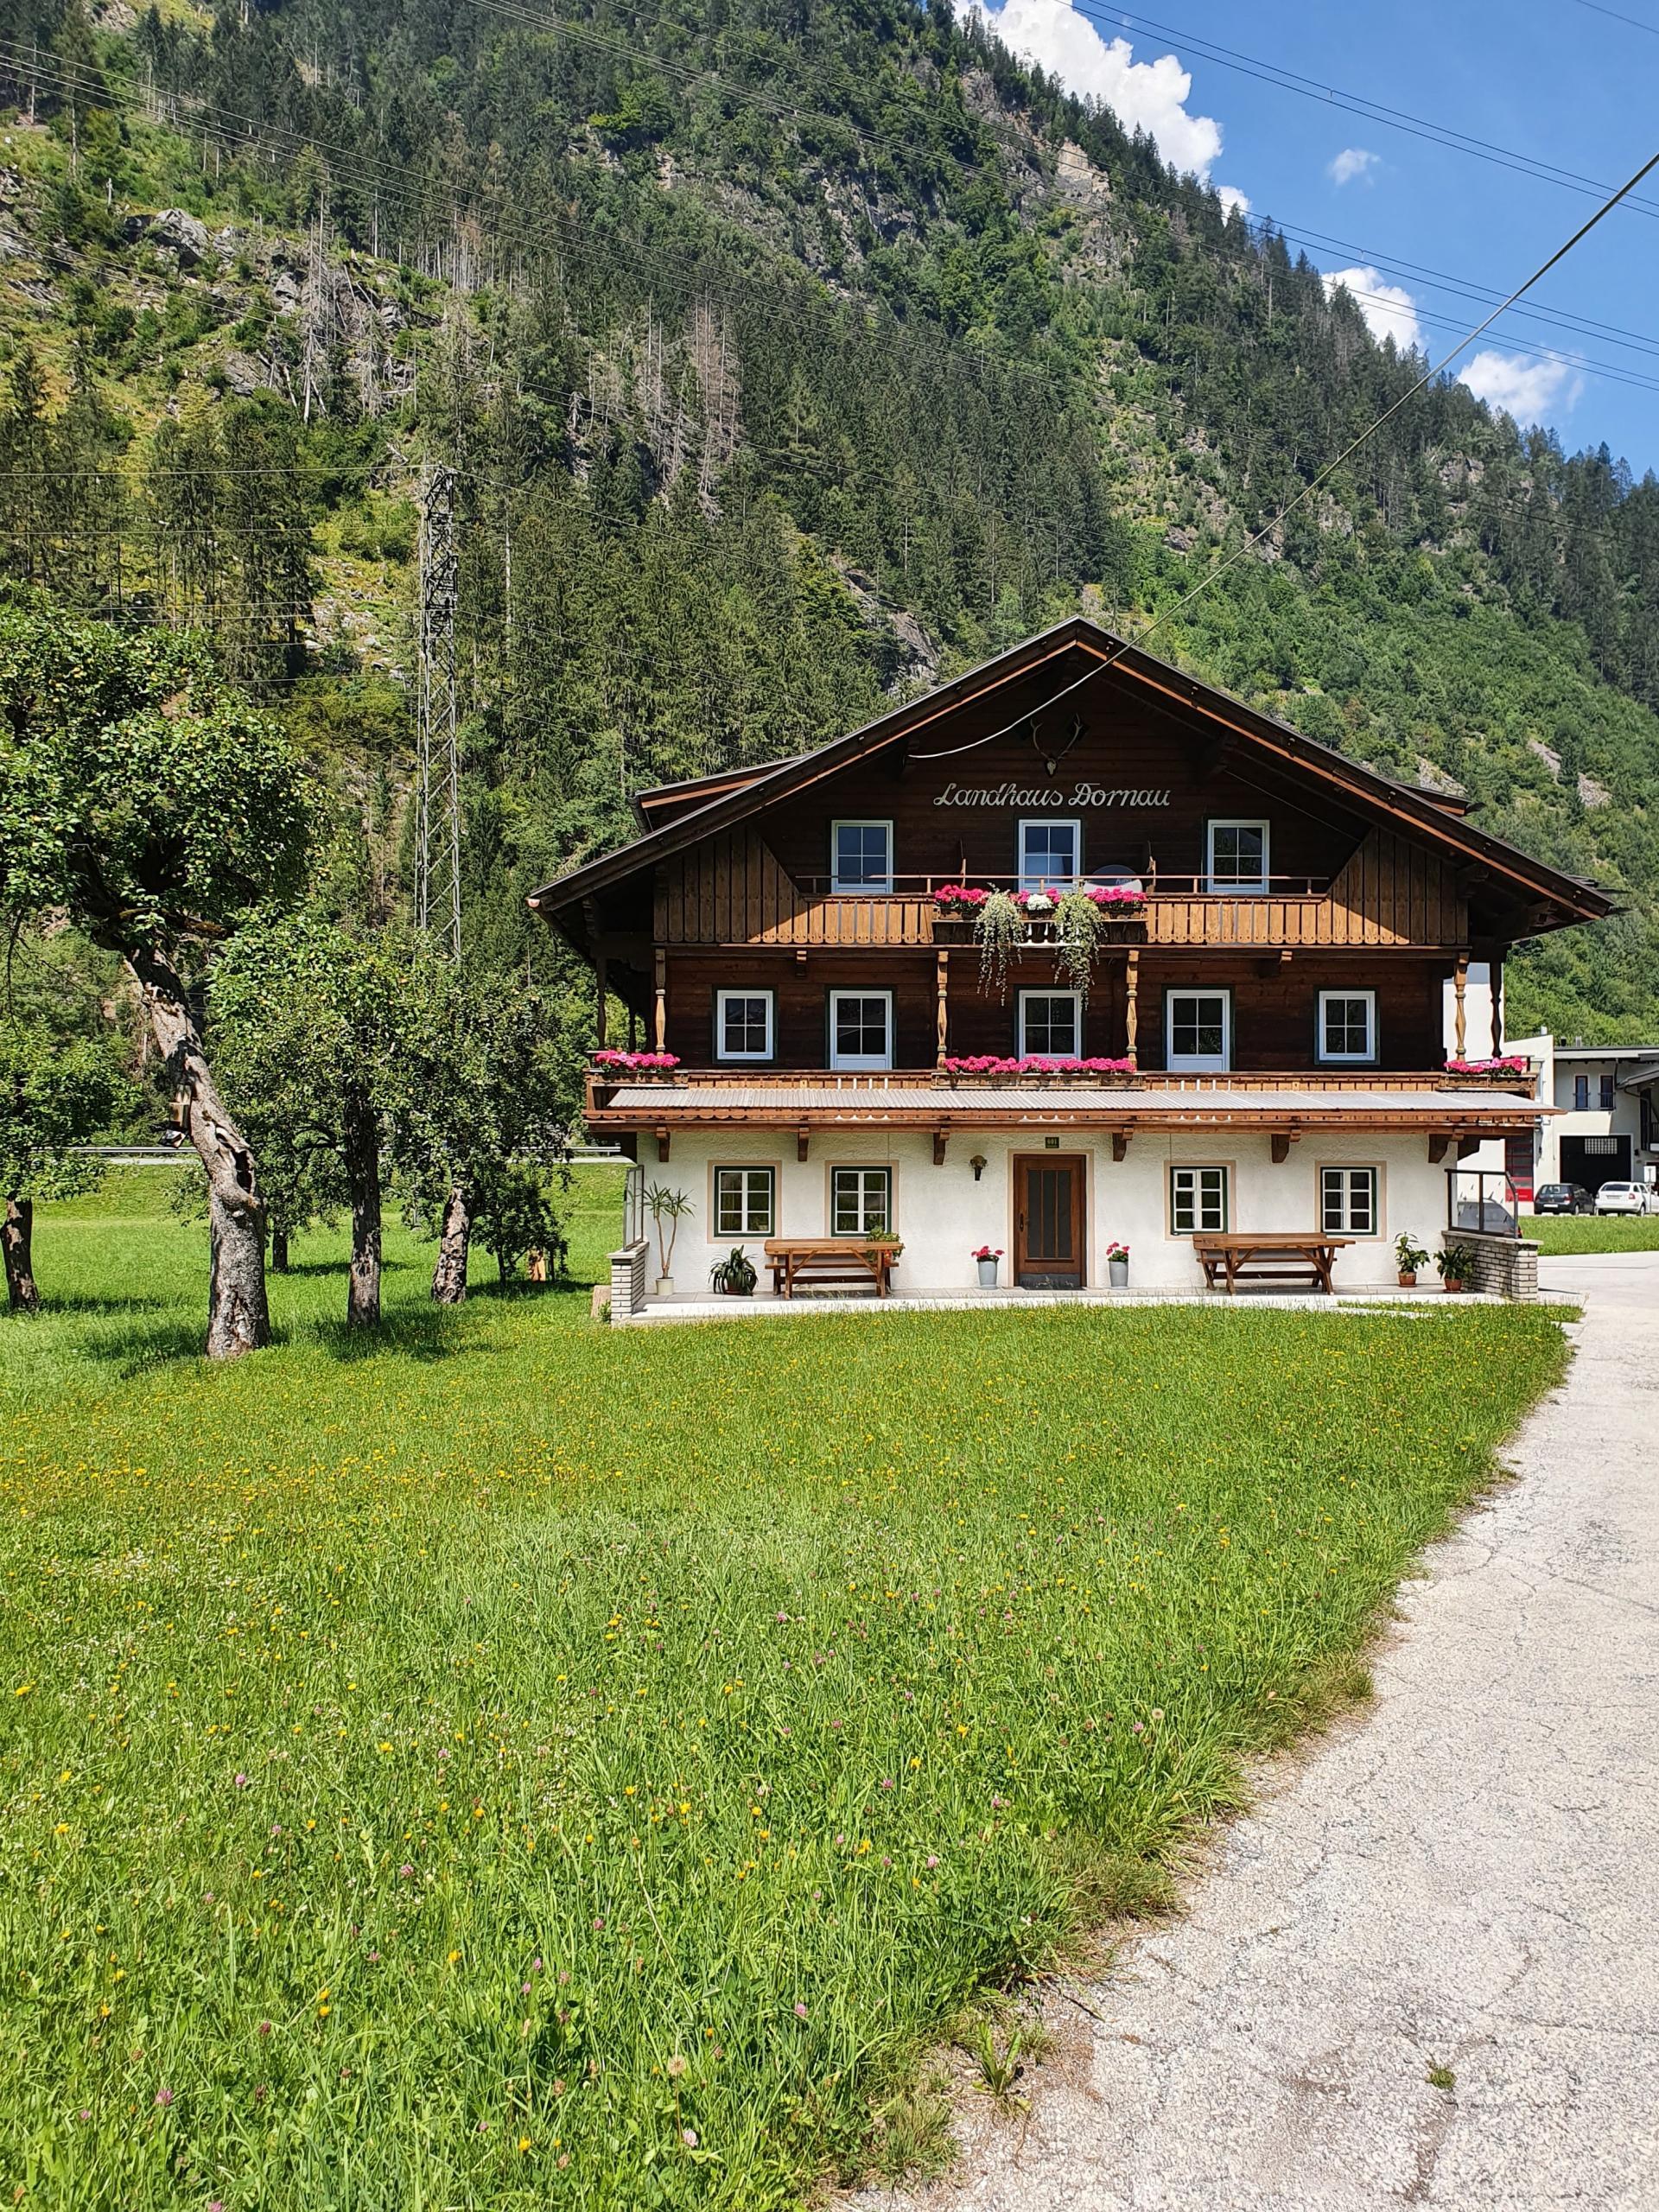 Landhaus Dornau #Willkommen#Bildergalerie